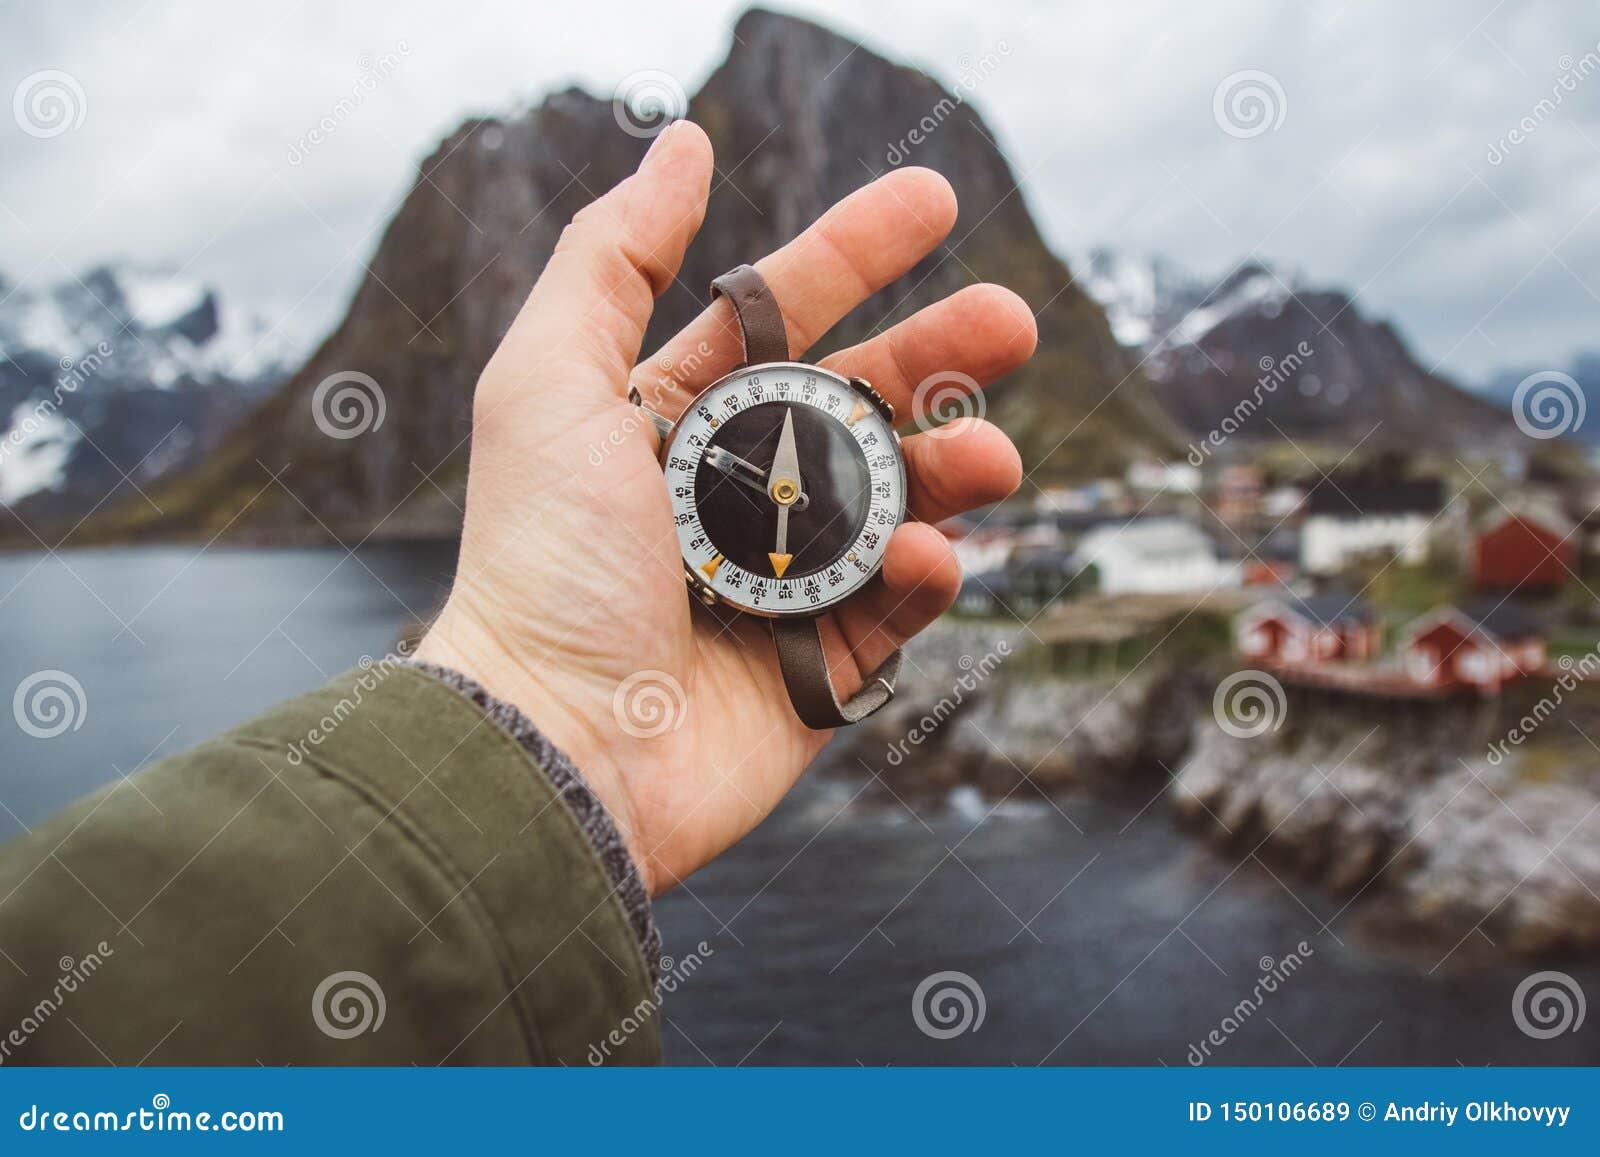 Το όμορφο αρσενικό χέρι κρατά μια μαγνητική πυξίδα στα πλαίσια των σπιτιών και των βράχων βουνών πέρα από το φιορδ